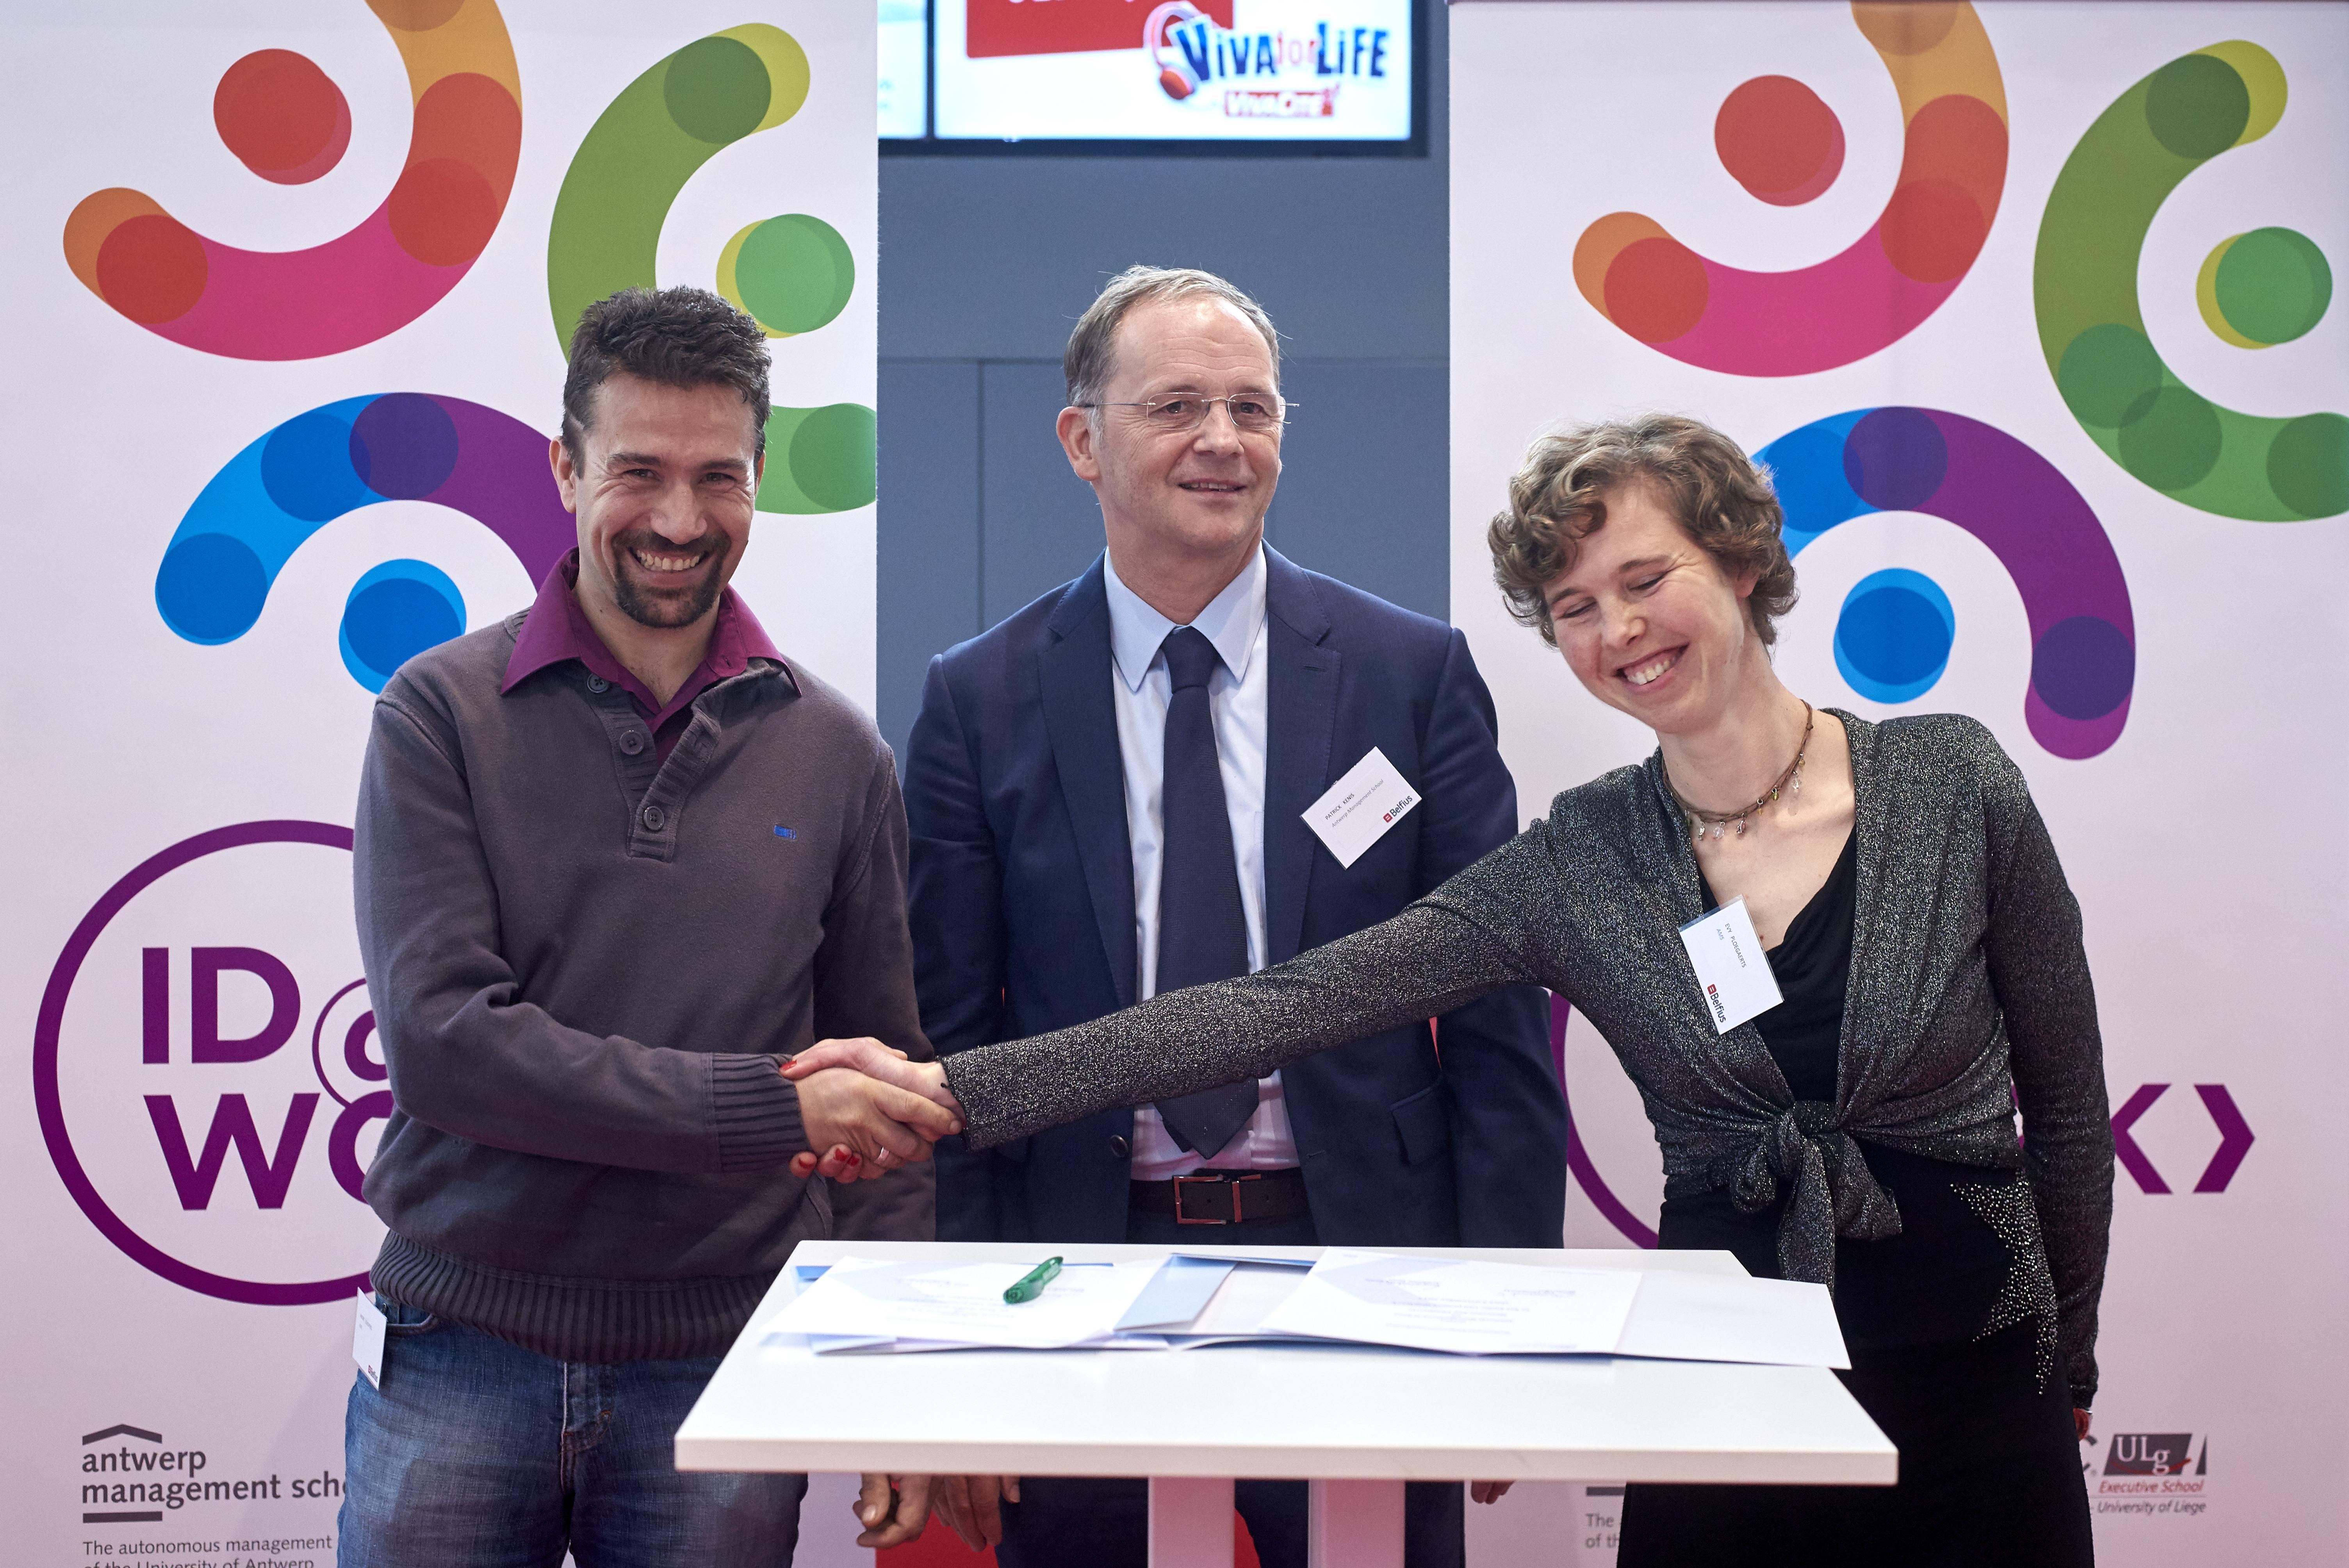 André Schepers et Evy Ploegaerts se saluent devant le Professeur Bart Cambré, tous les trois membres d'ID@work.  © Reporters/Eric Herchaft